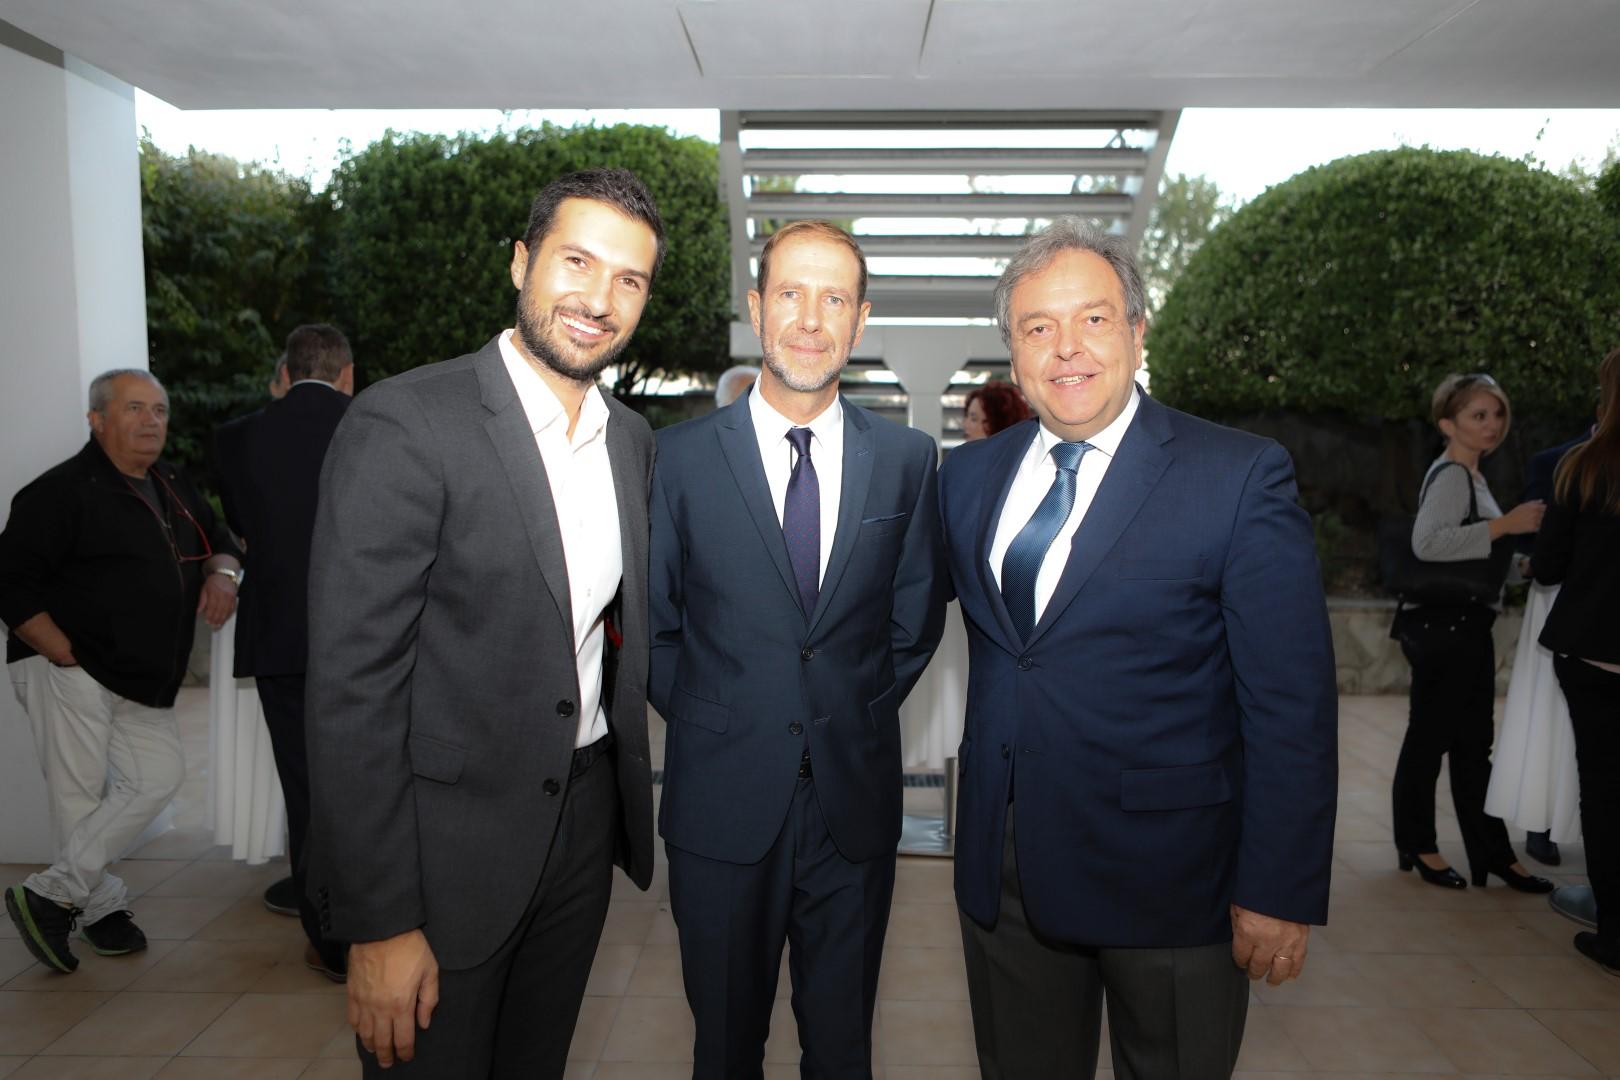 Γιώργος Χατζηευθυμίου, Υπεύθυνος Ανάπτυξης Βορείου Ελλάδος, Πάνος Νικολάου, Εμπορικός Διευθυντής με τον κ. Π. Καλογιαντσίδη, συνεργάτη της Υδρογείου Αφαλιστικής στη Δράμα.